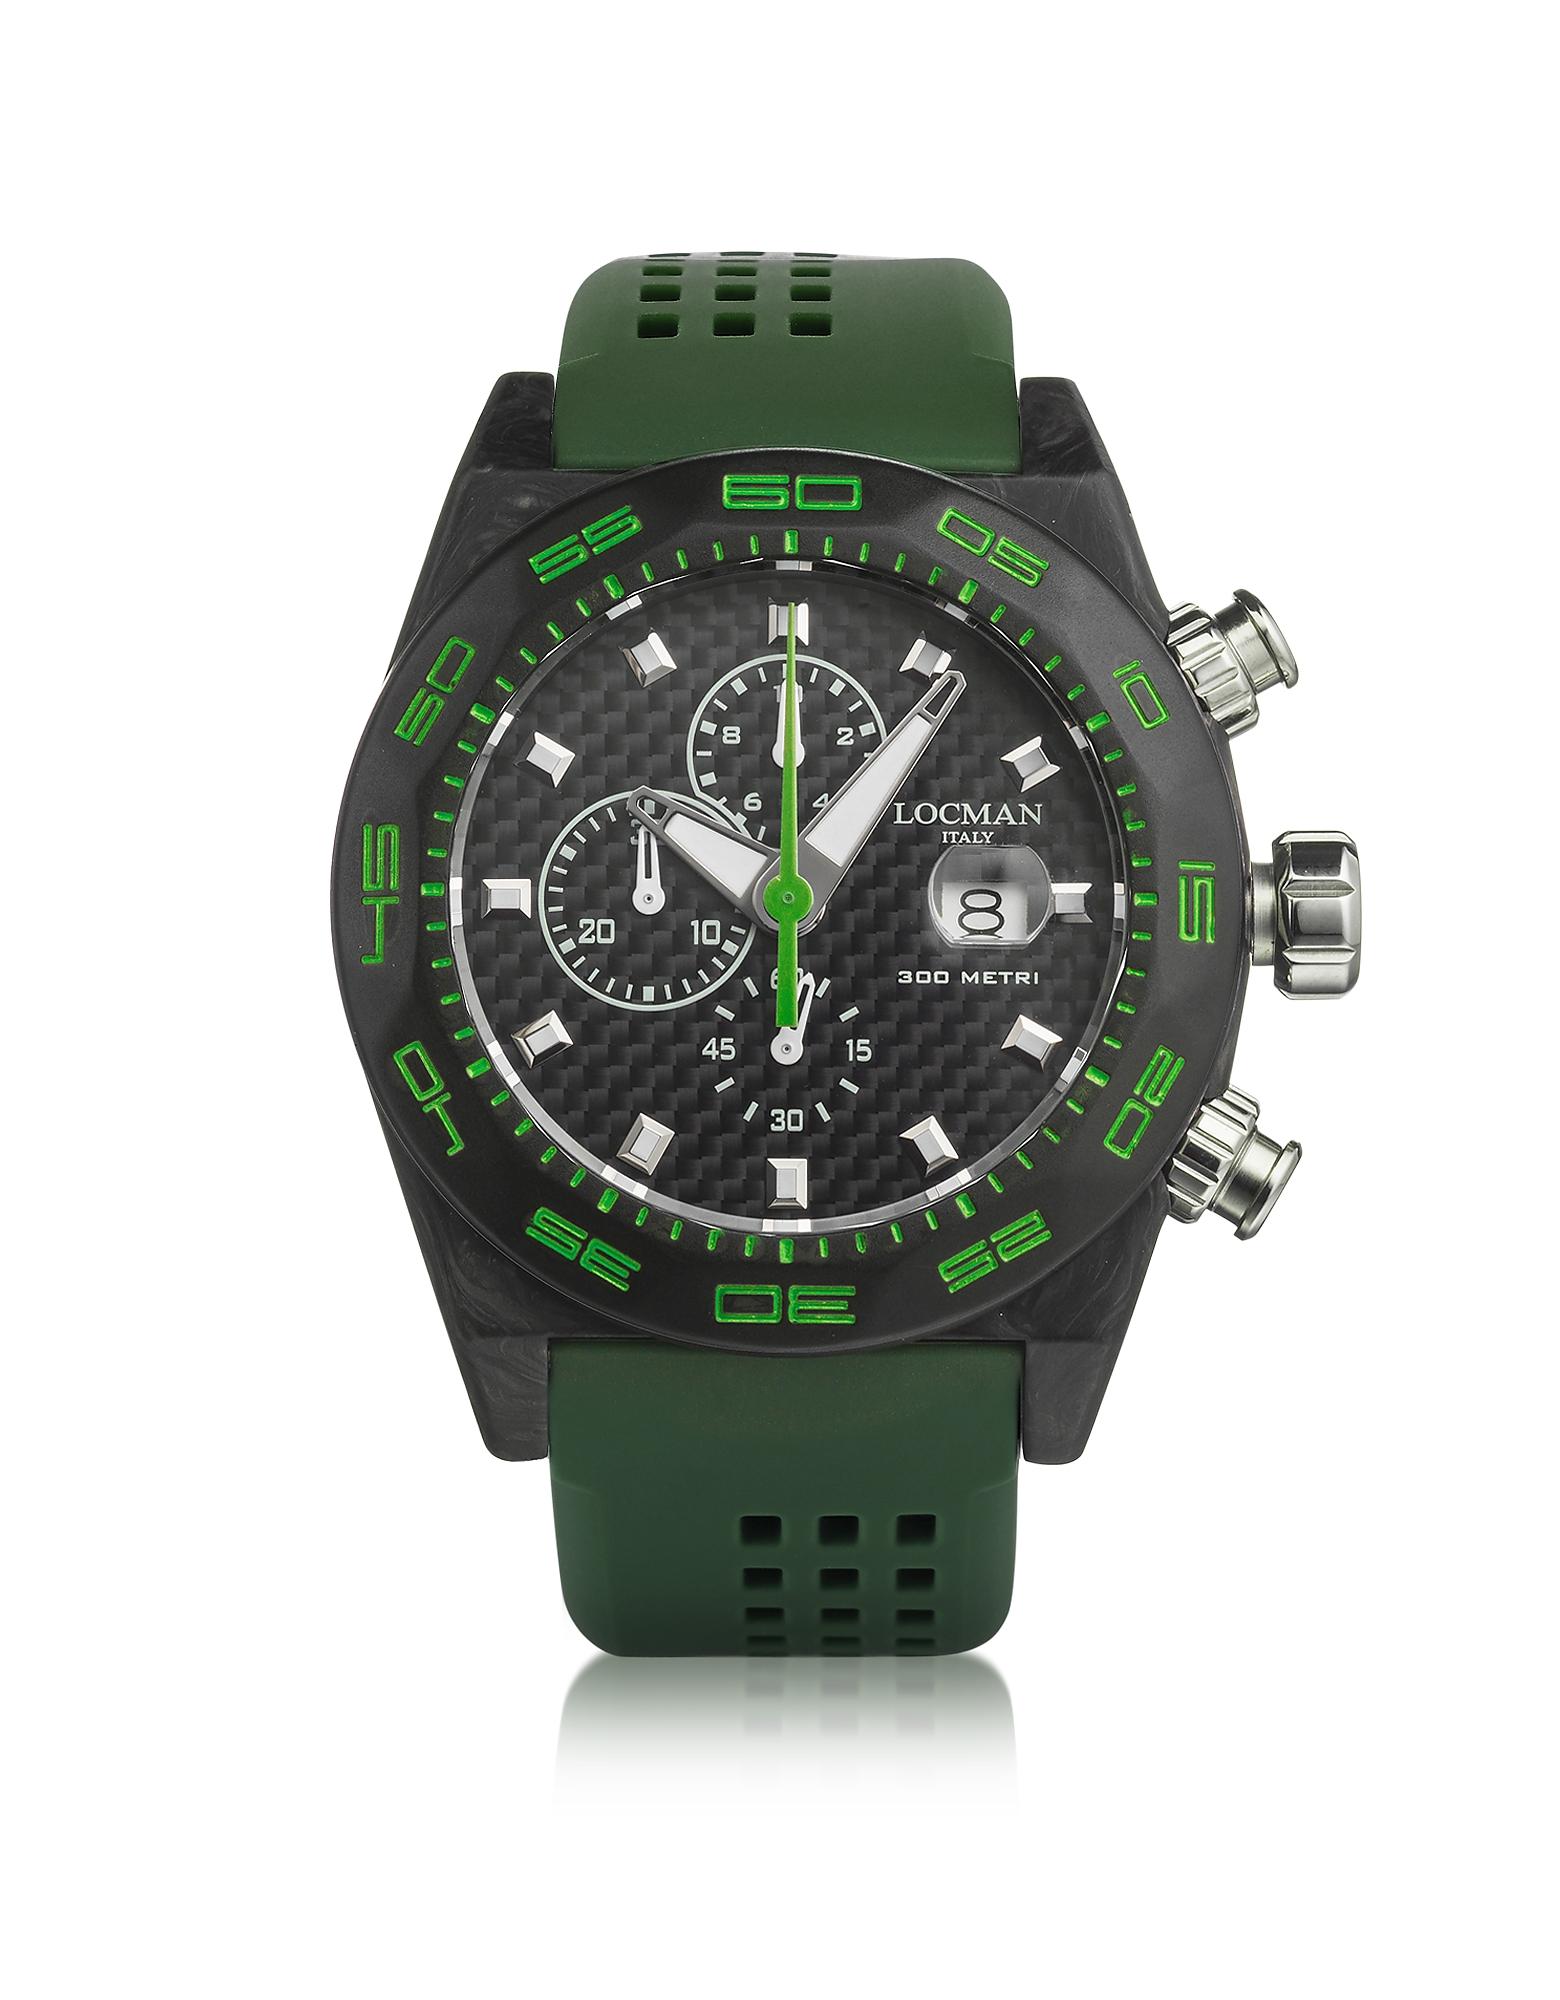 Stealth 300mt - Зеленые Мужские Часы Хронограф из Углеродного Волокна и Титана с Кварцевым Механизмом